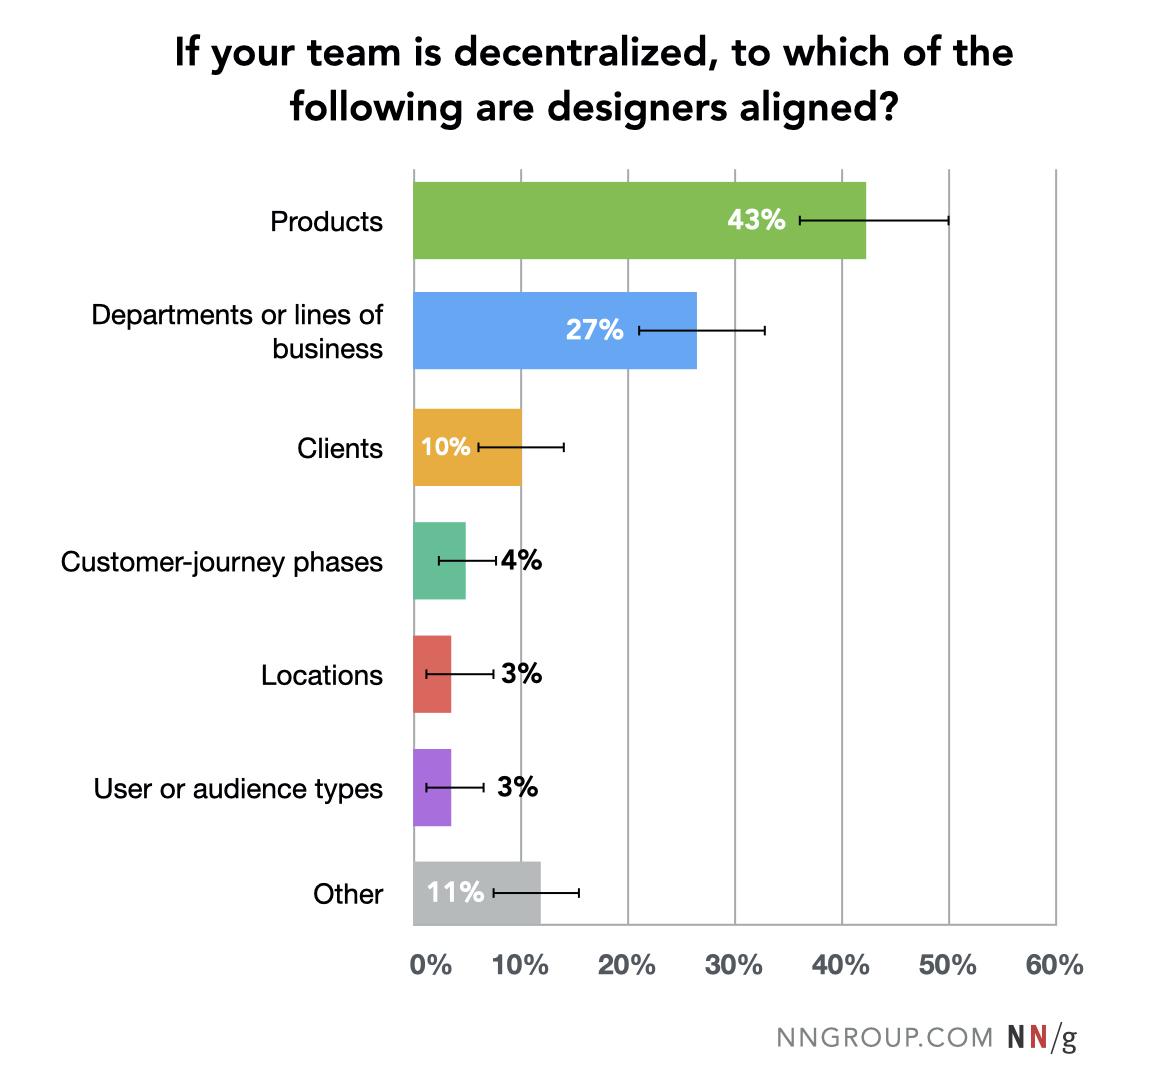 La mayoría de los equipos descentralizados están asociados a productos (43%) o departamentos internos o líneas de negocio (27%).